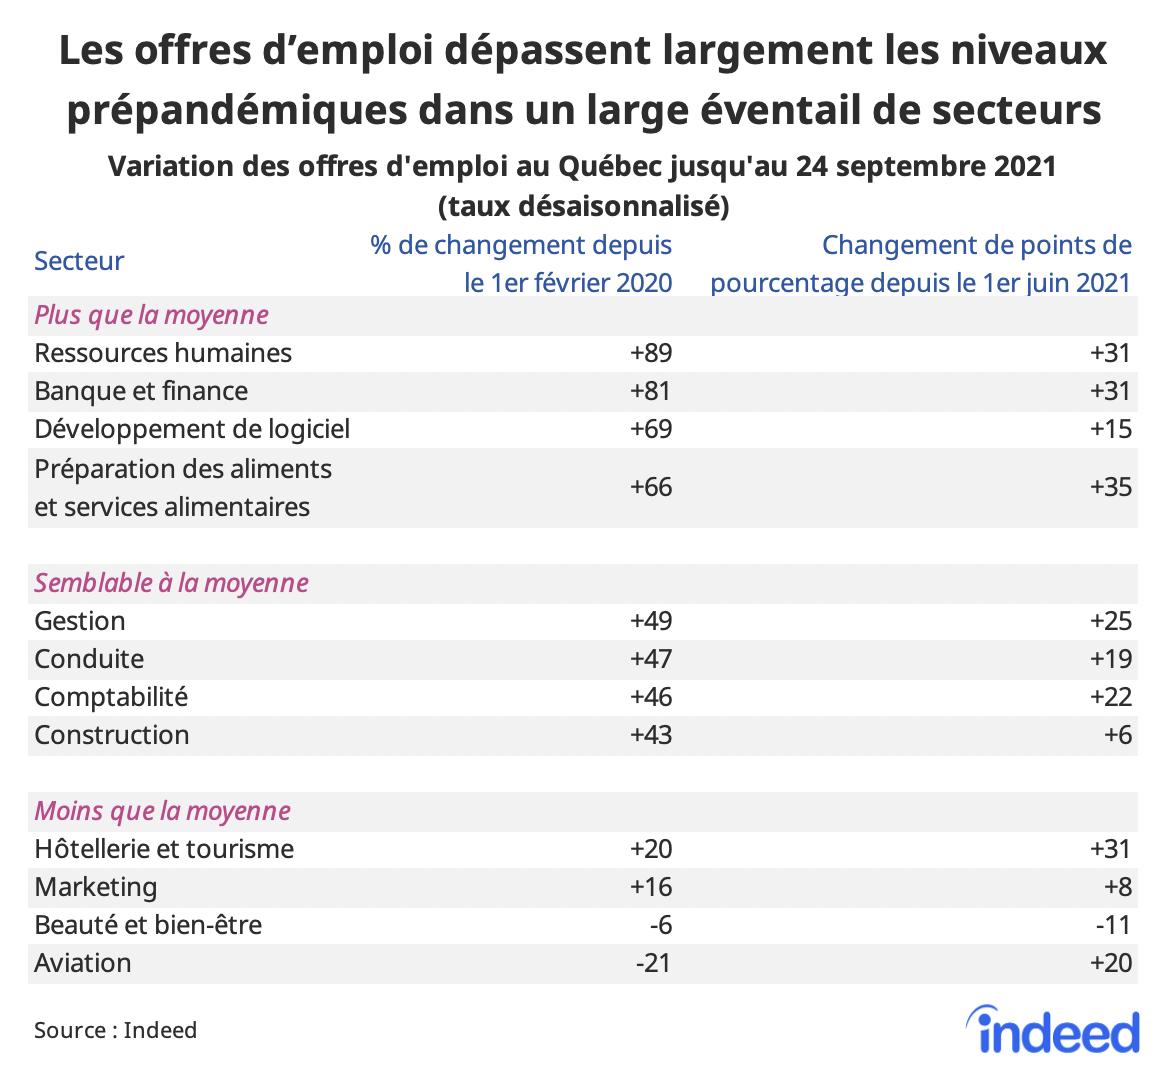 Tableau intitulé «Le nombre d'offres d'emploi dépasse largement le niveau prépandémique dans presque tous les secteurs.»